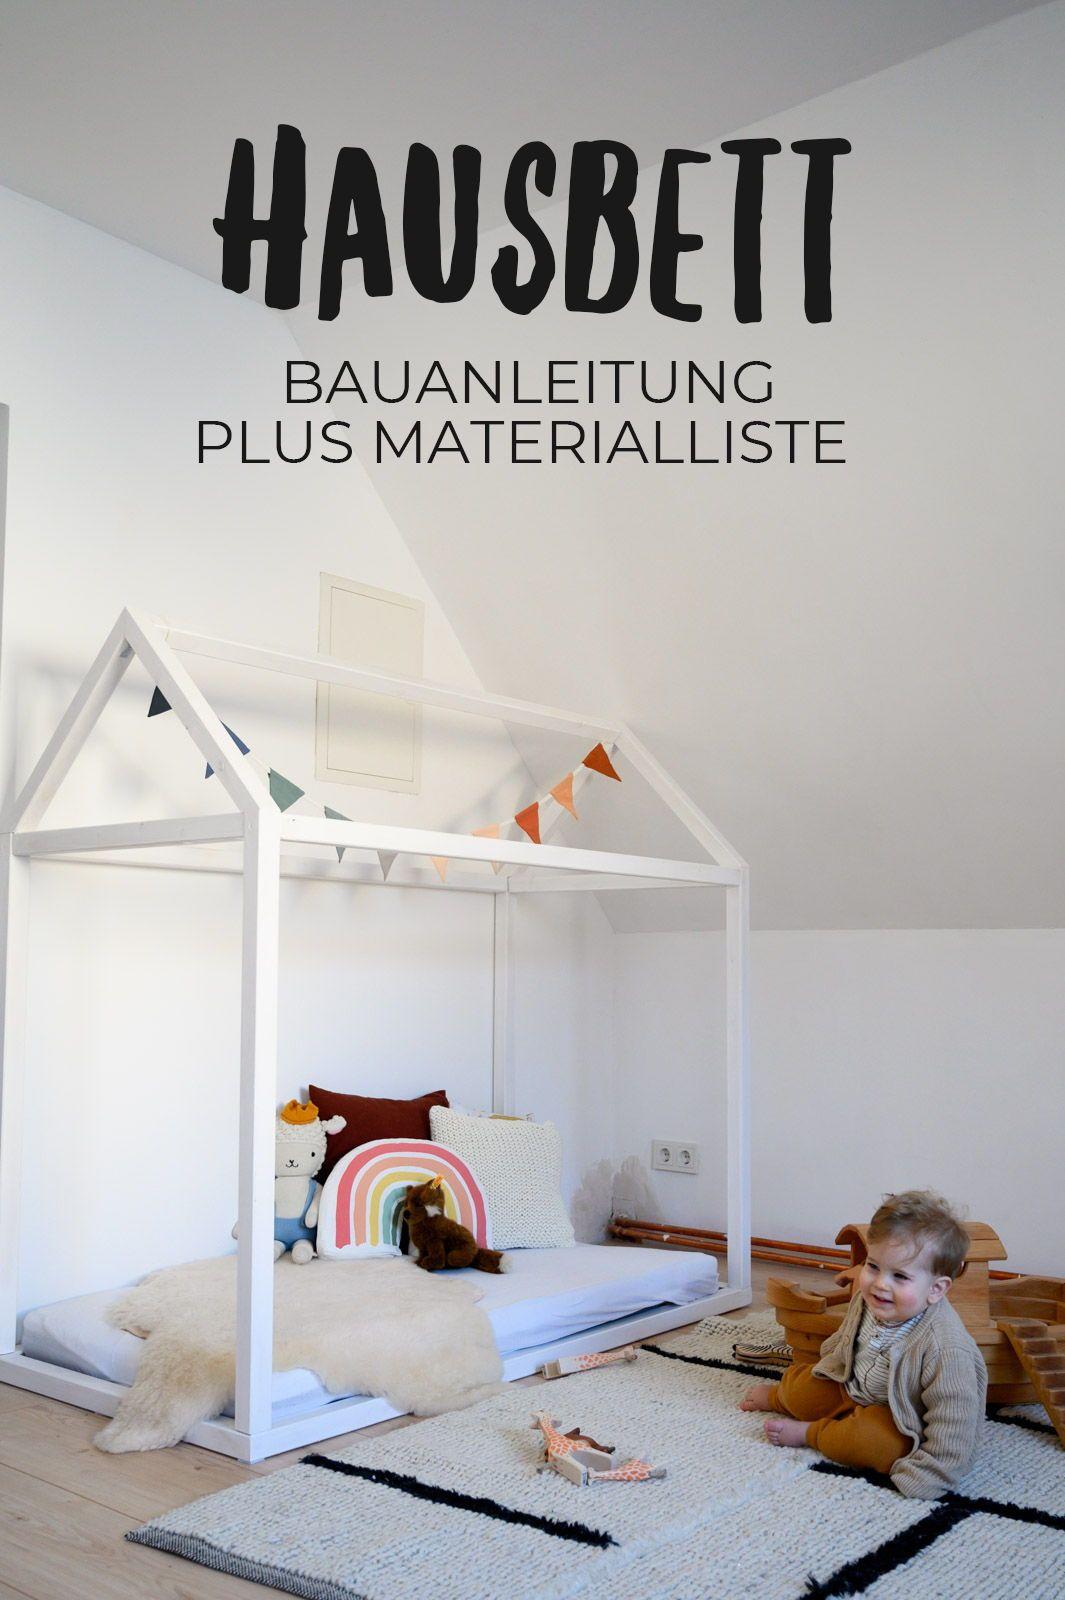 Hausbett Selbst Bauen Diy Hausbett Bodenbetten Und Floorbed